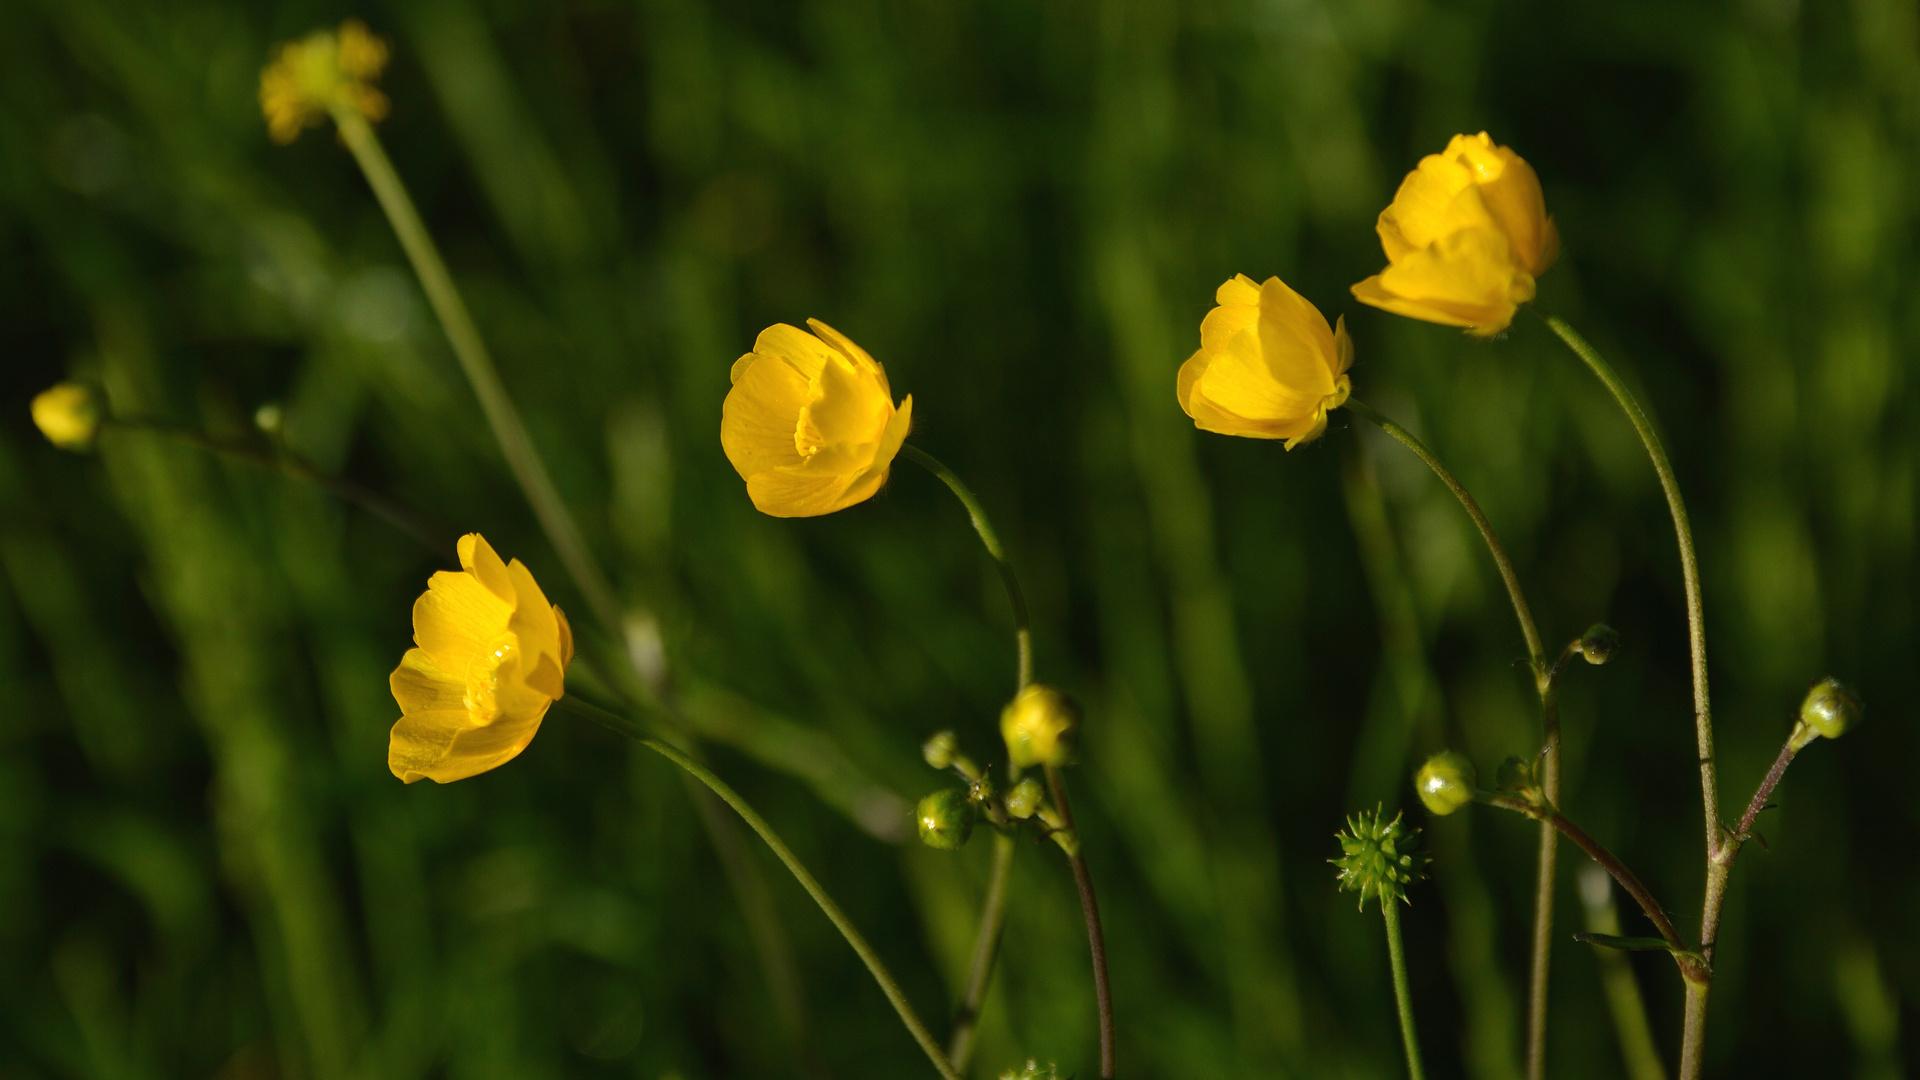 Butterblumen / buttercups